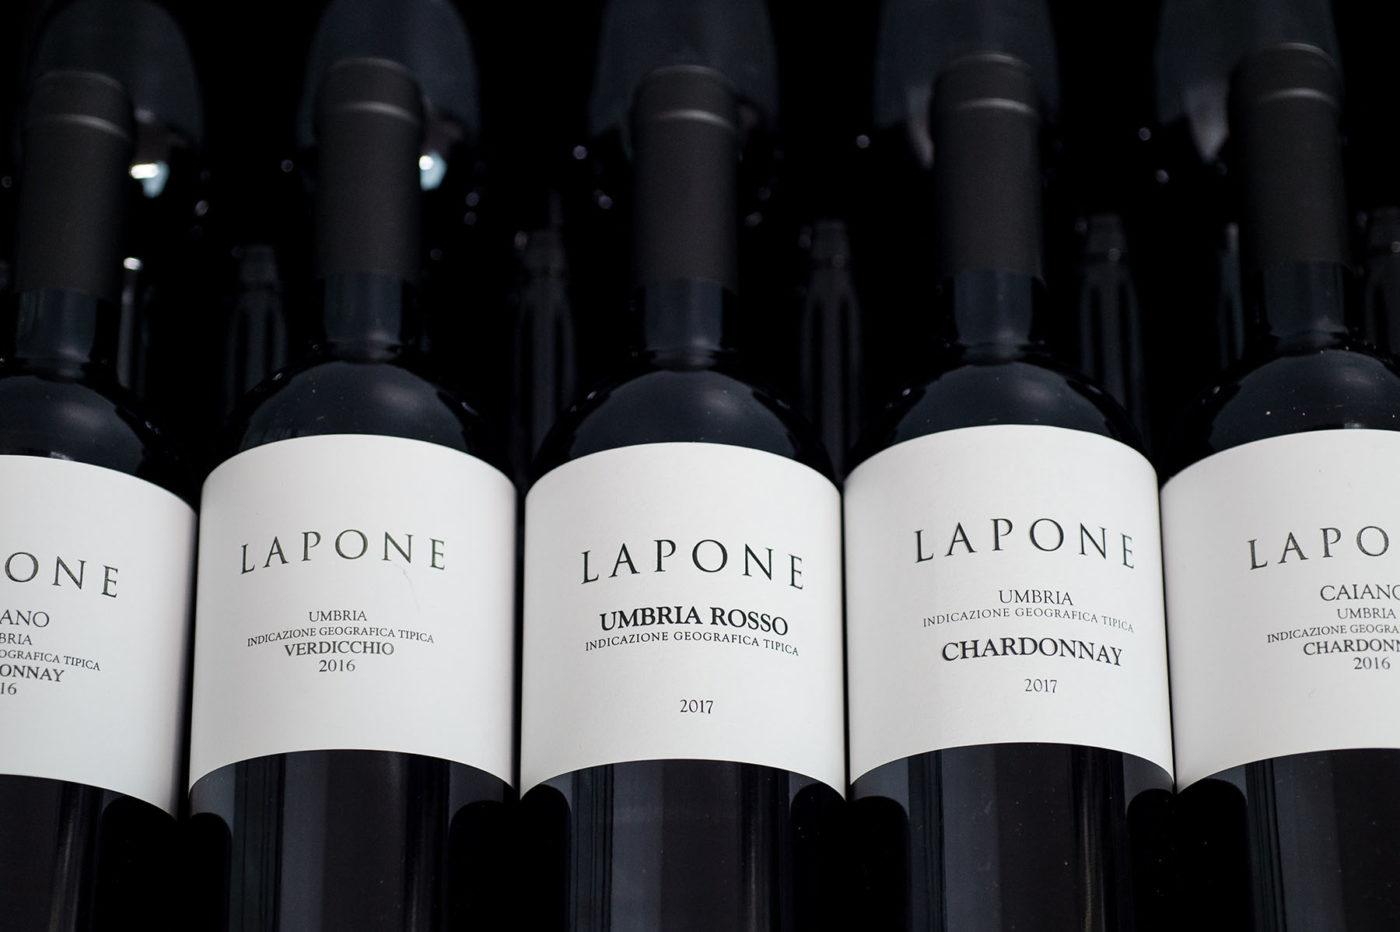 Lapone-14